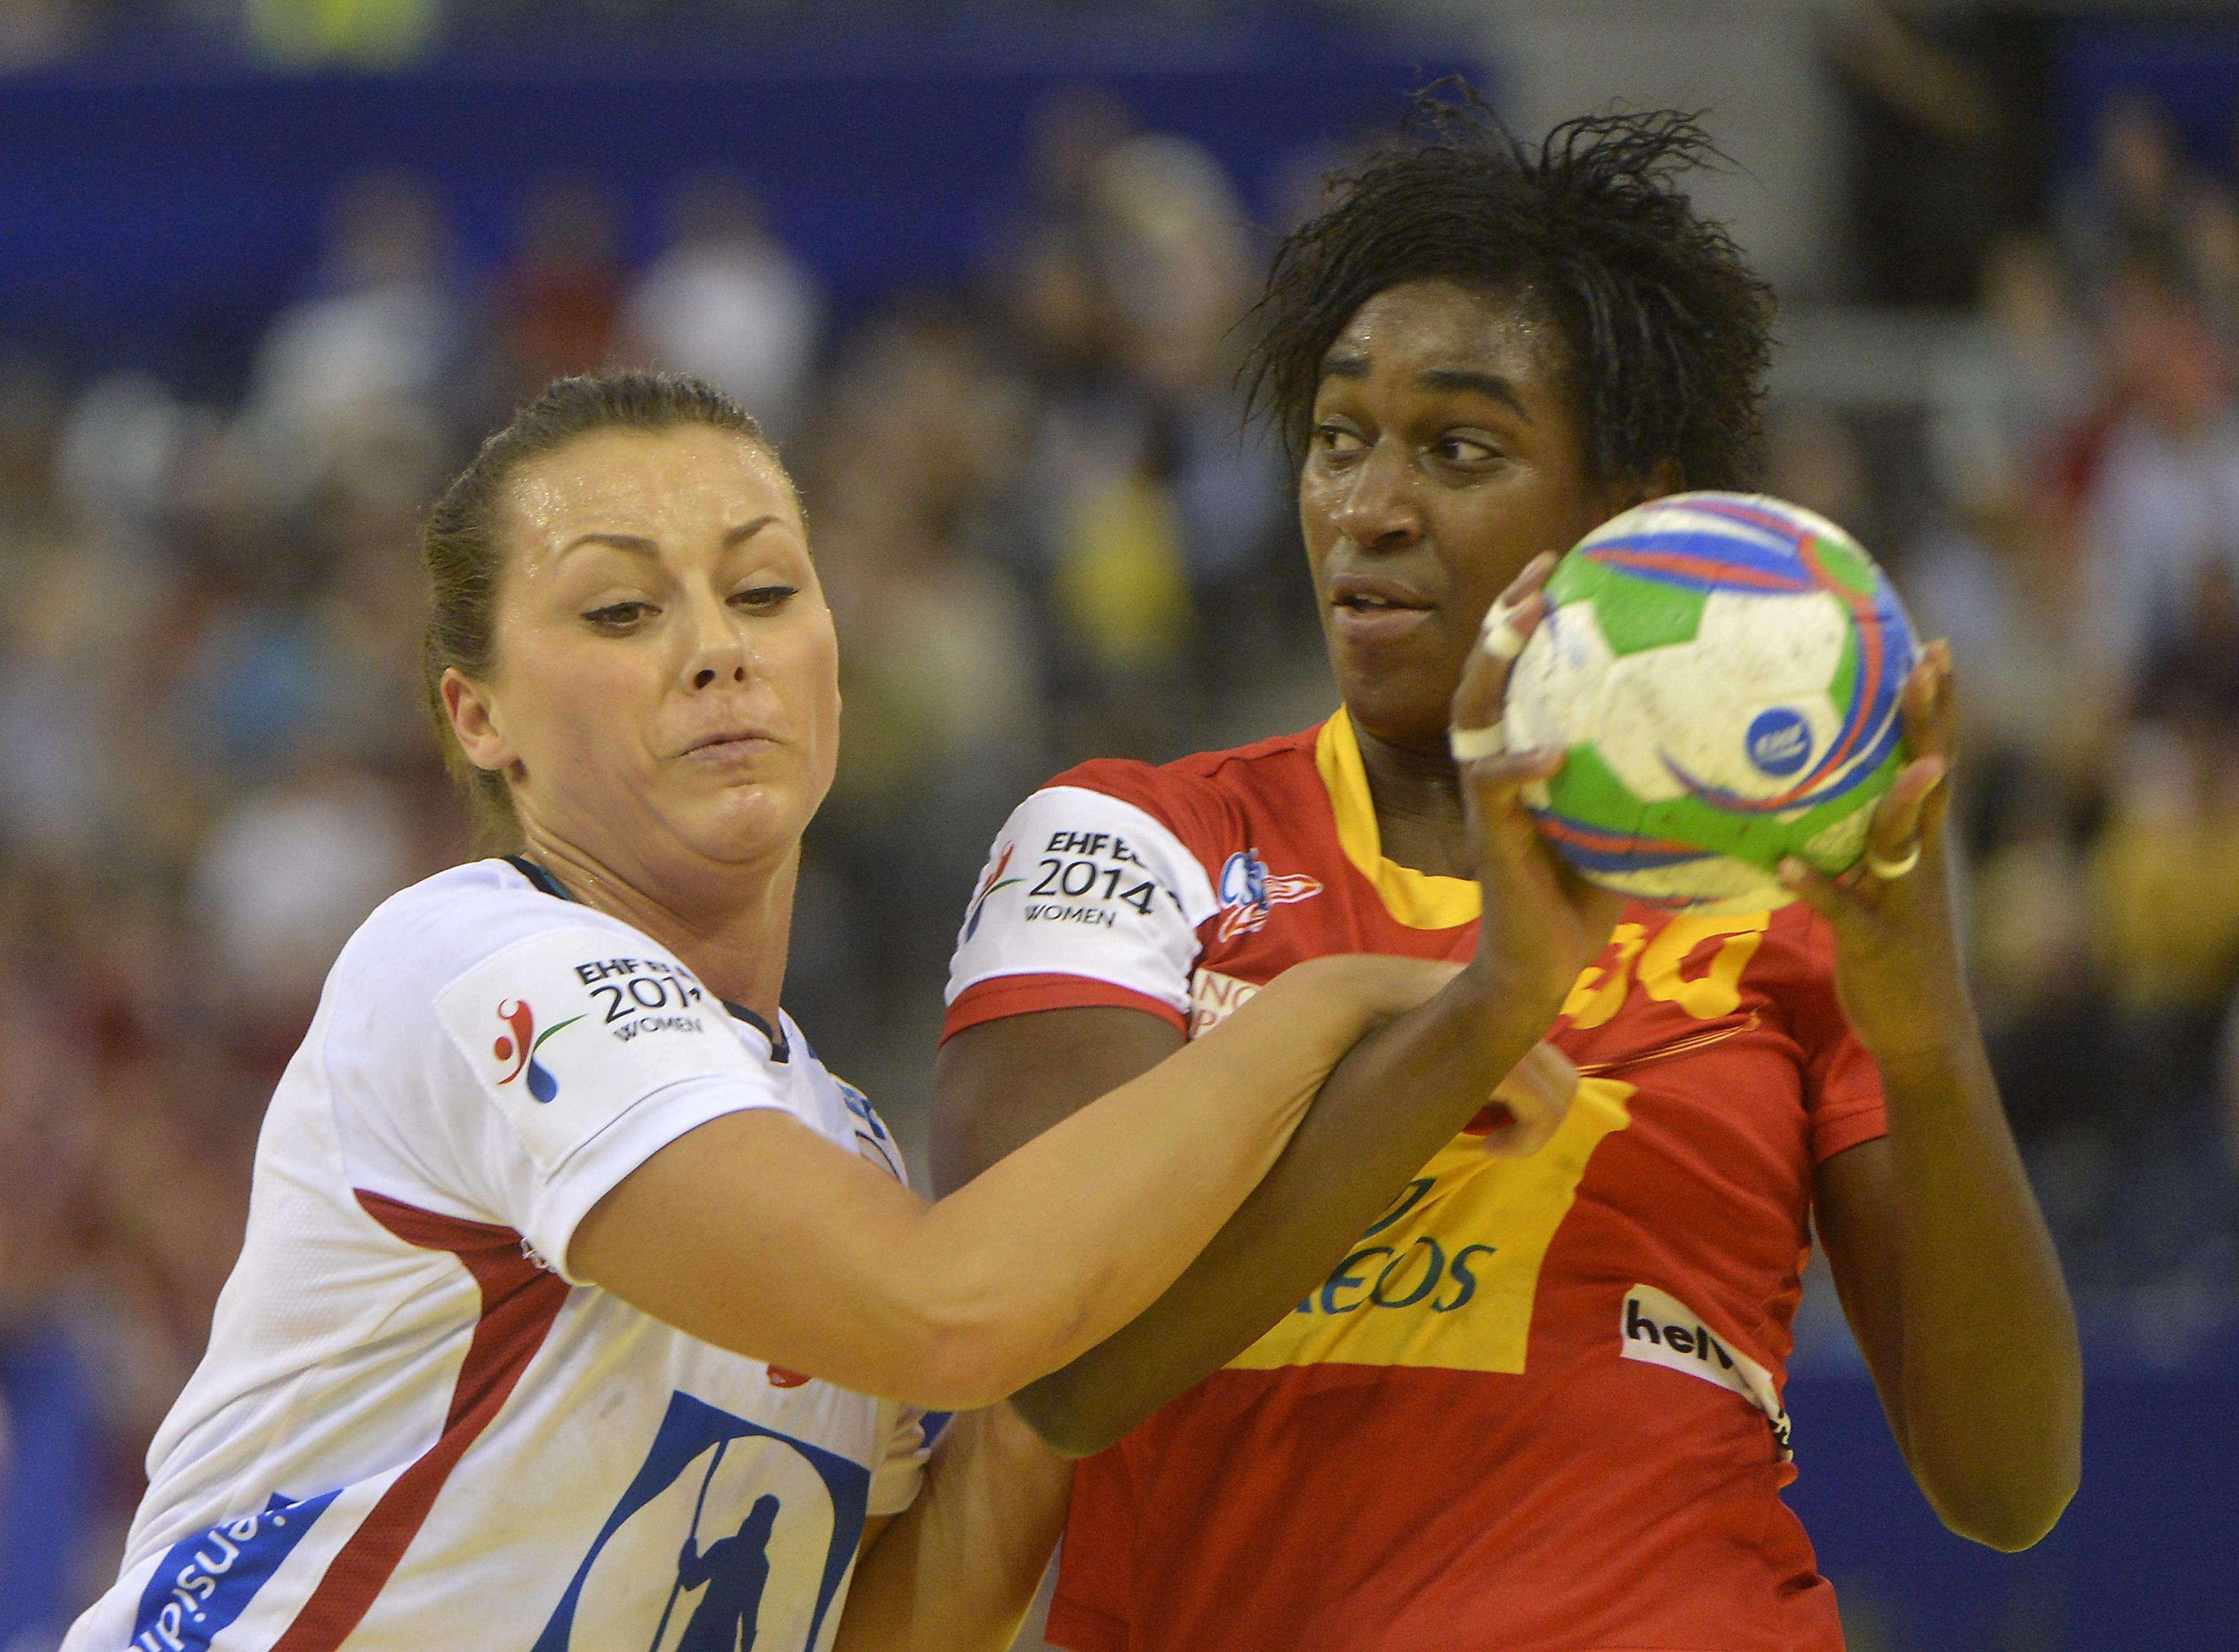 España pierde ante Noruega y se lleva la plata del Europeo de balonmano. Foto: EFE en español